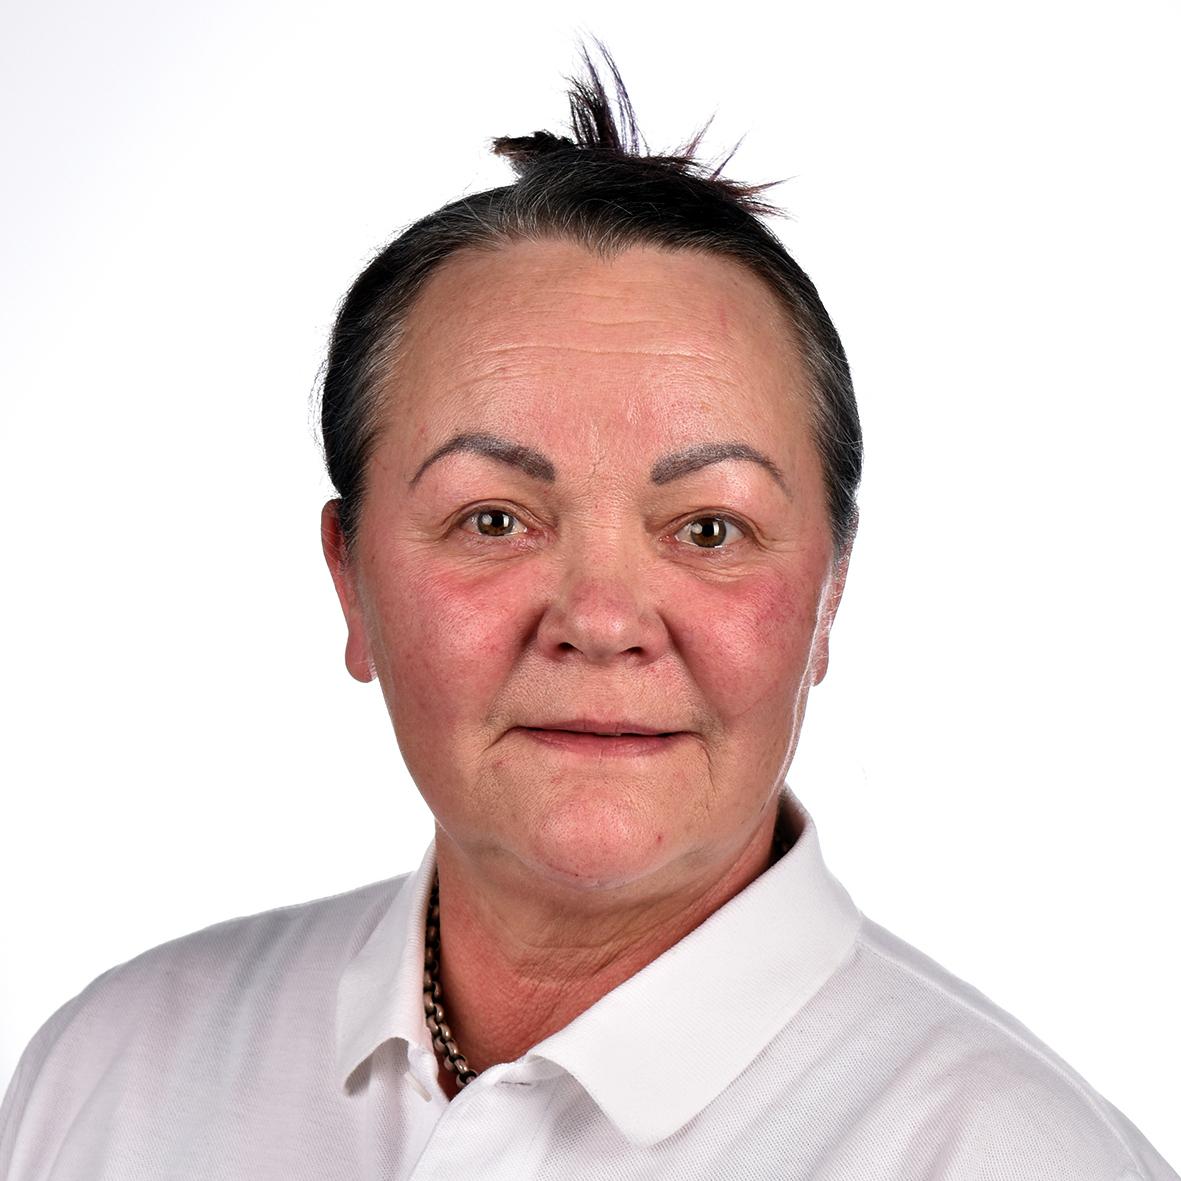 Sari Ukkonen